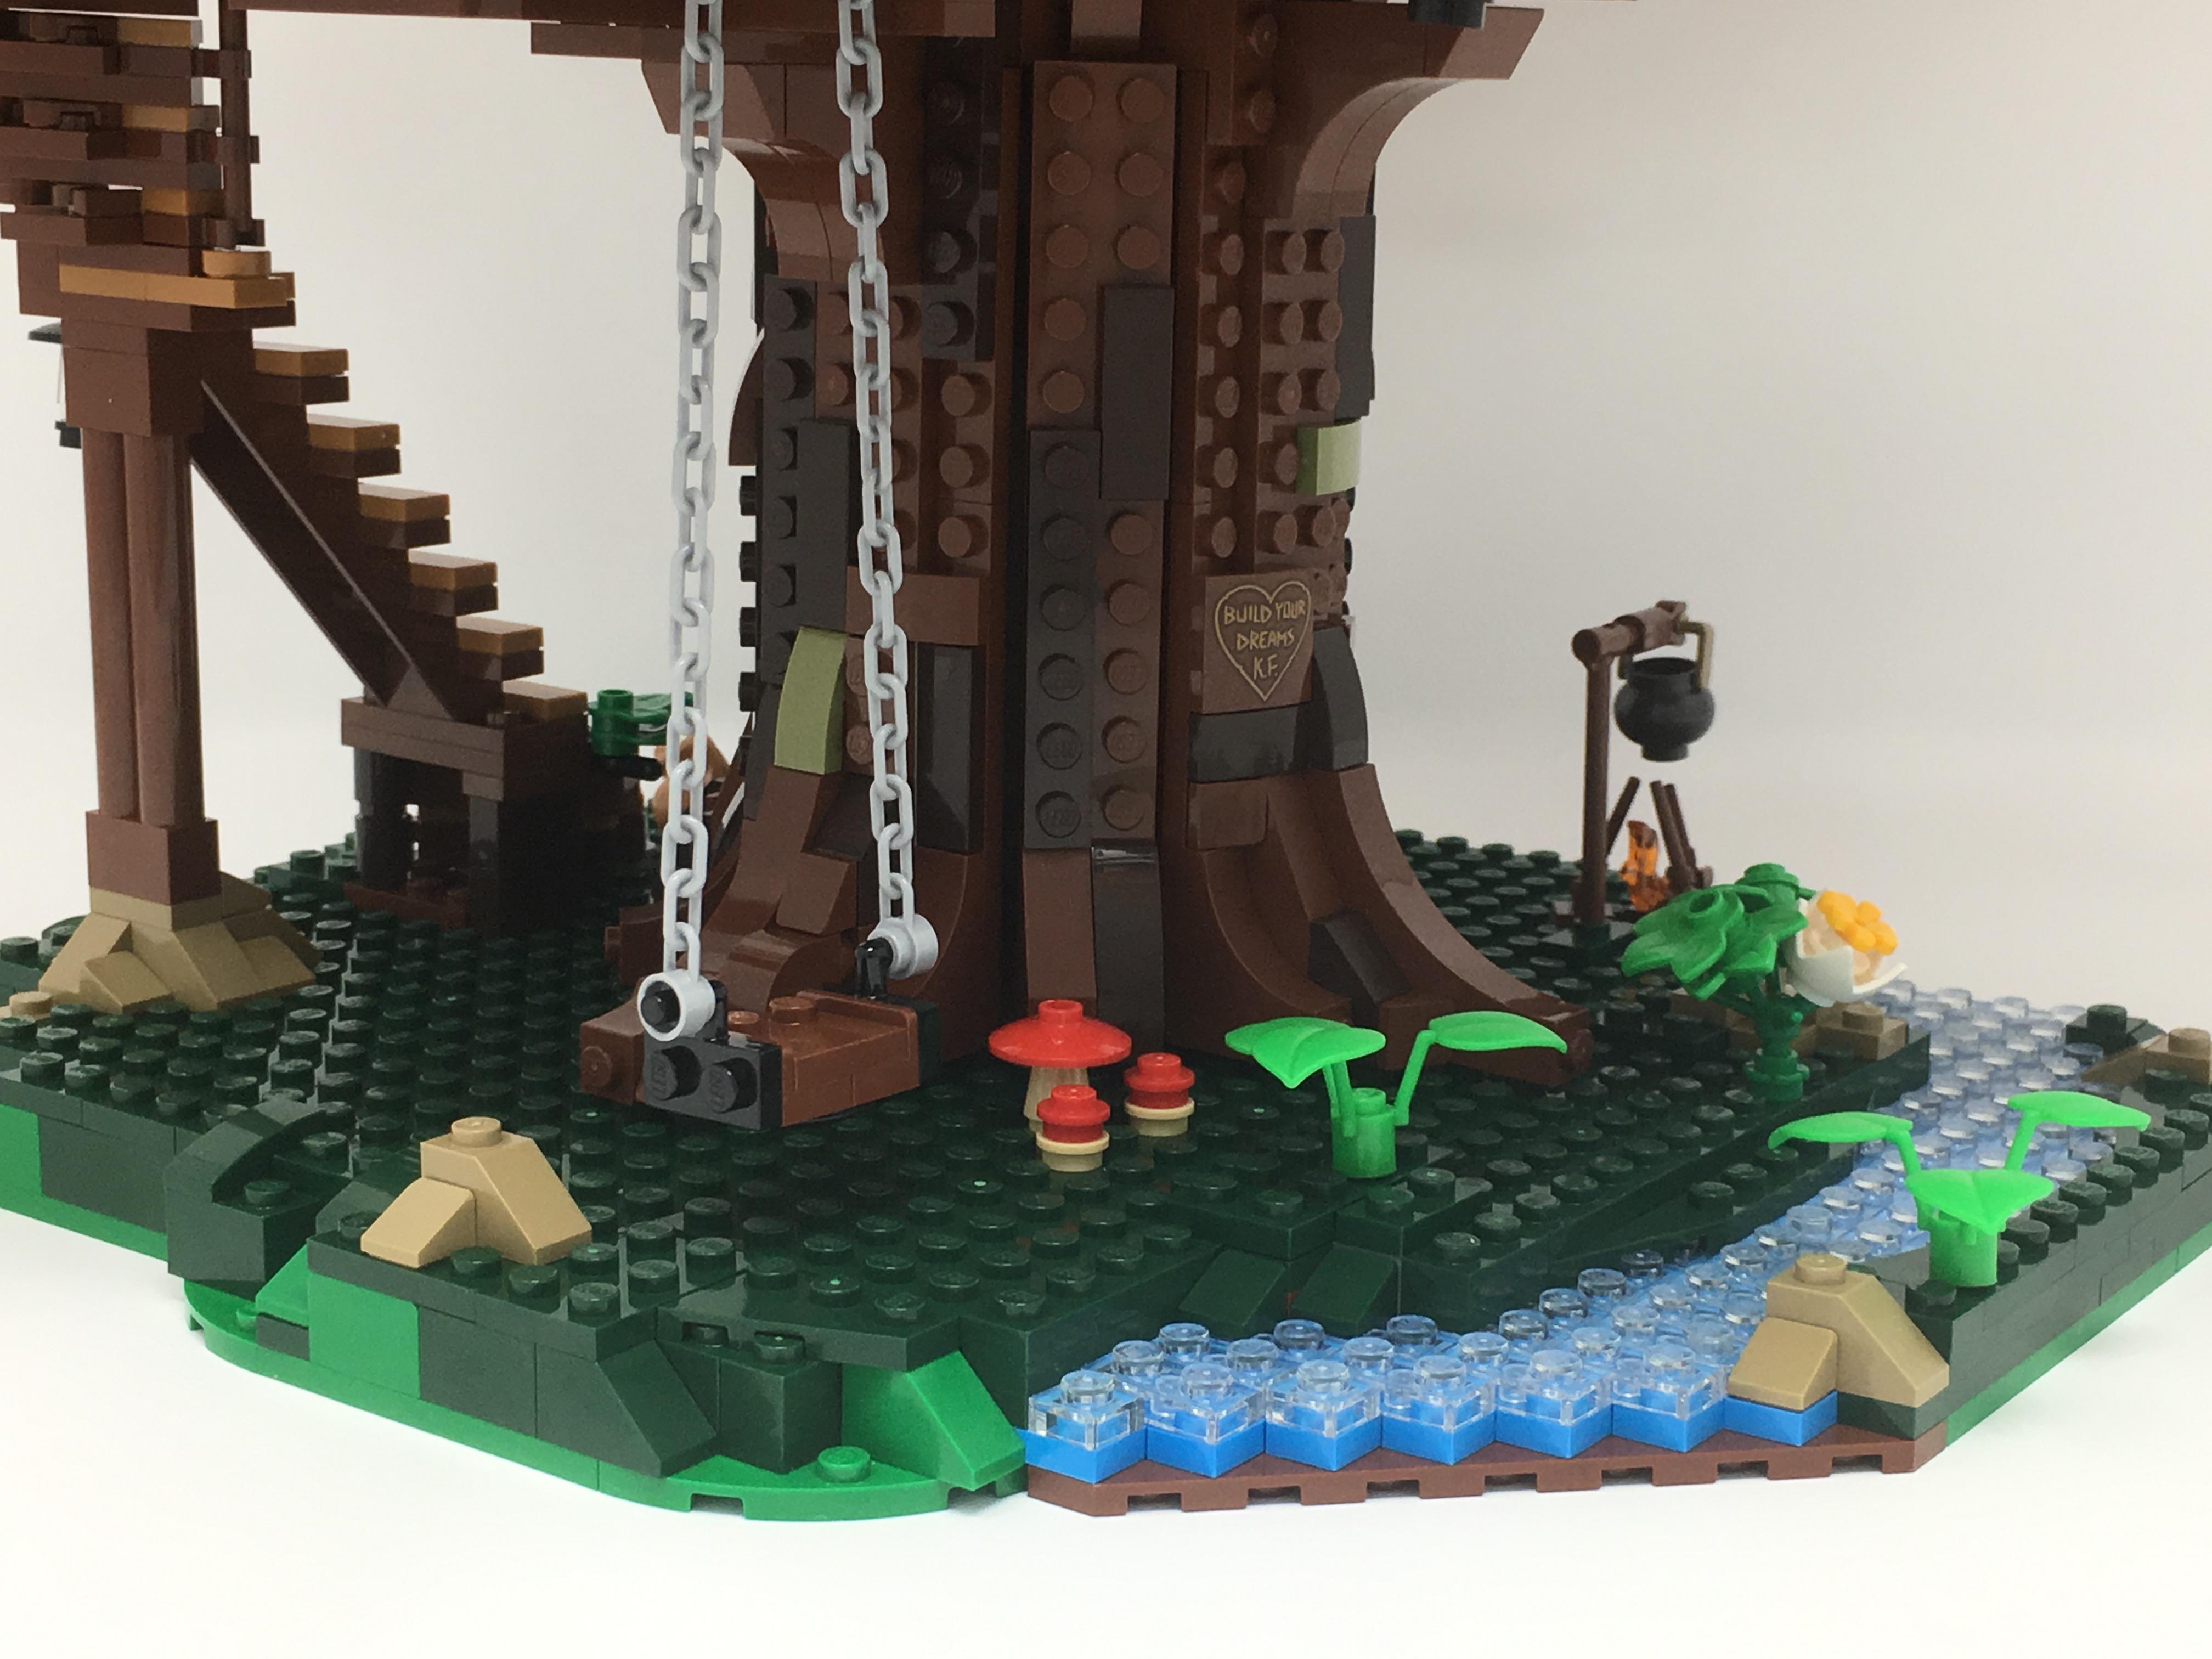 ʀᴇᴠɪᴇᴡ 21318 Ideas Tree House Brick Architect